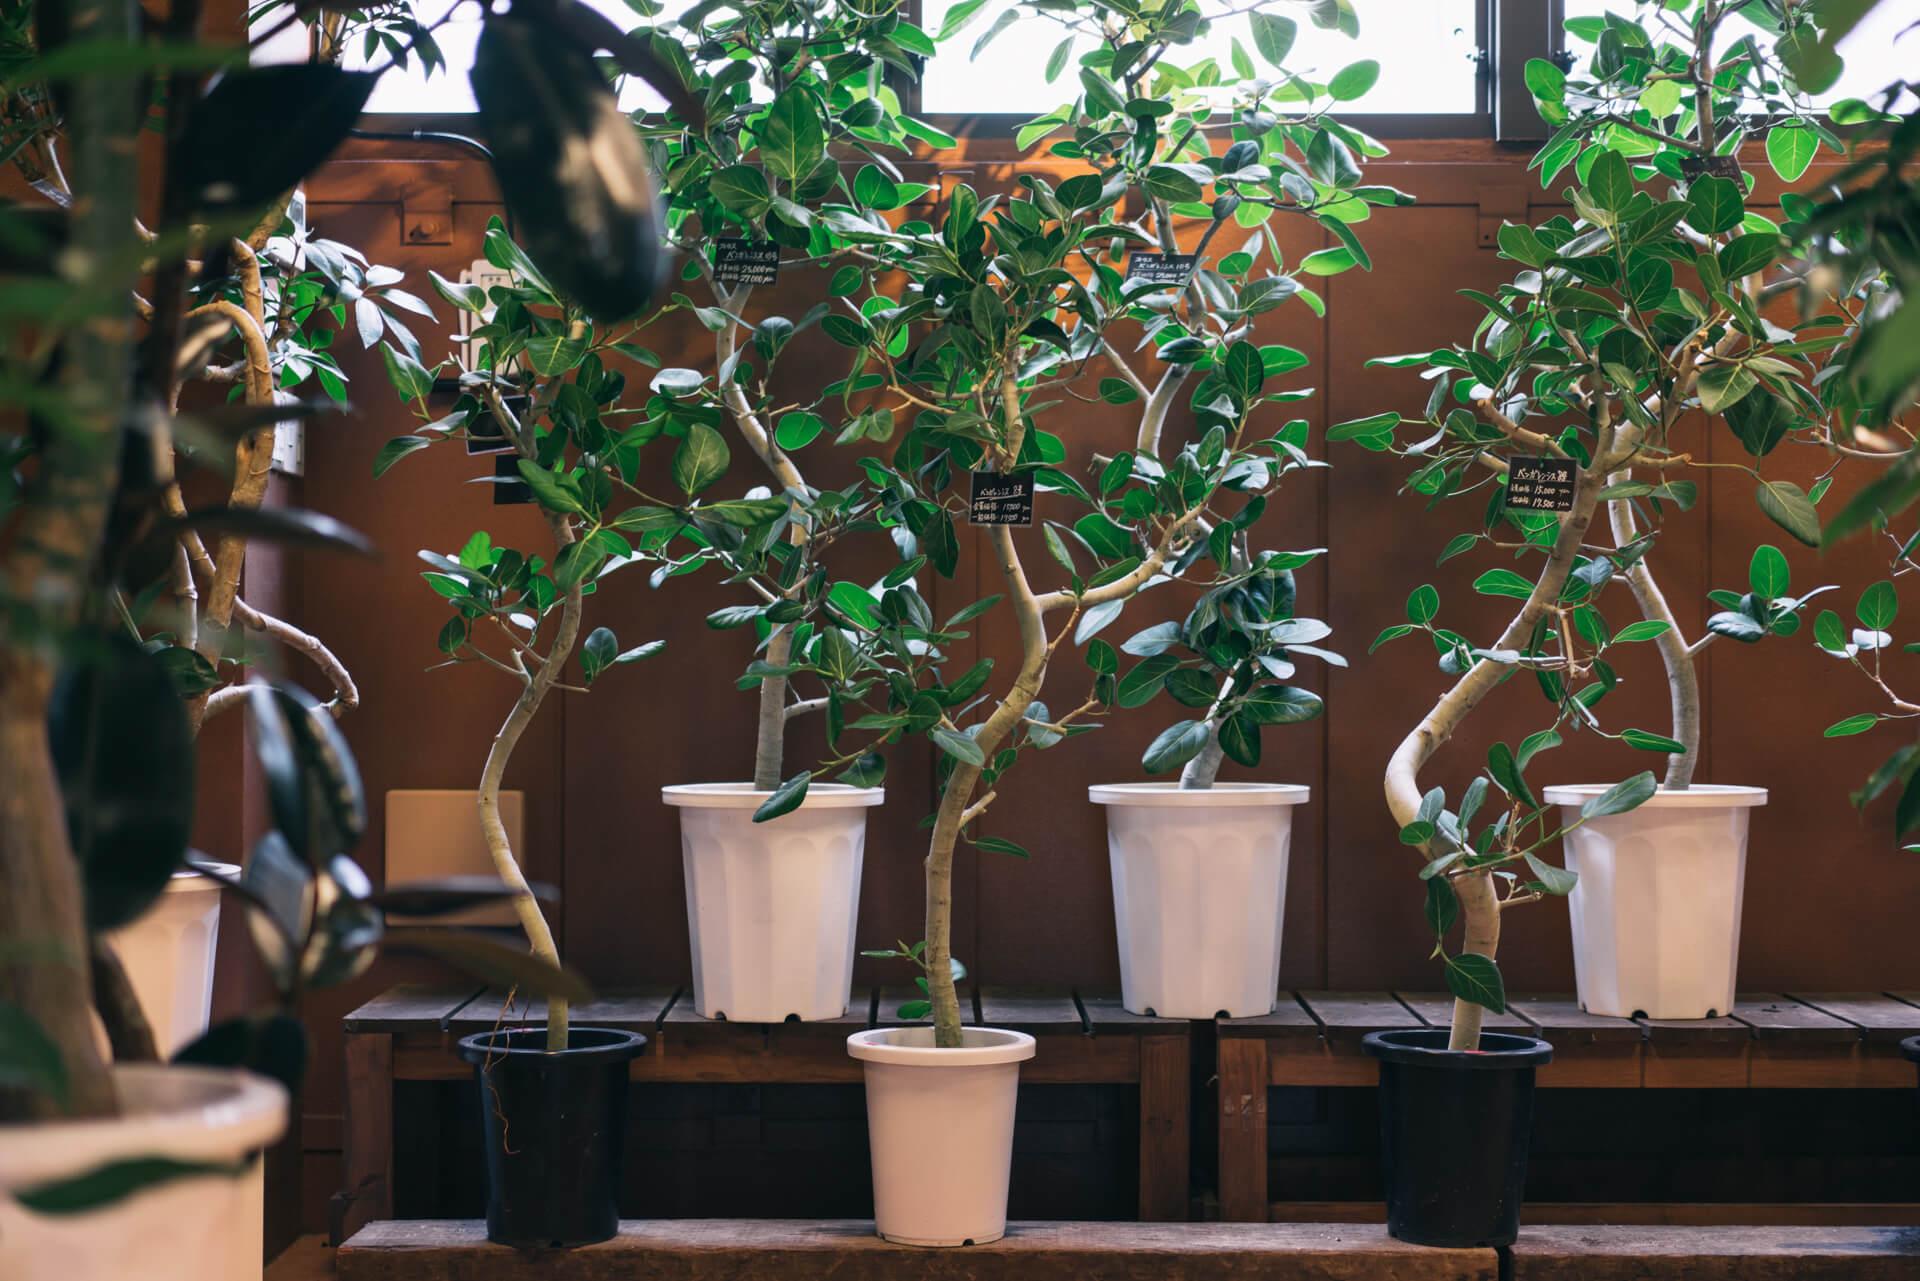 同じベンガレンシスでも、ひとつひとつ、枝の曲がりや葉っぱのつき方を見比べて、気に入ったのものを選ぶことができます。こんなお店、なかなか他にありません。(お店の紹介記事はこちら)